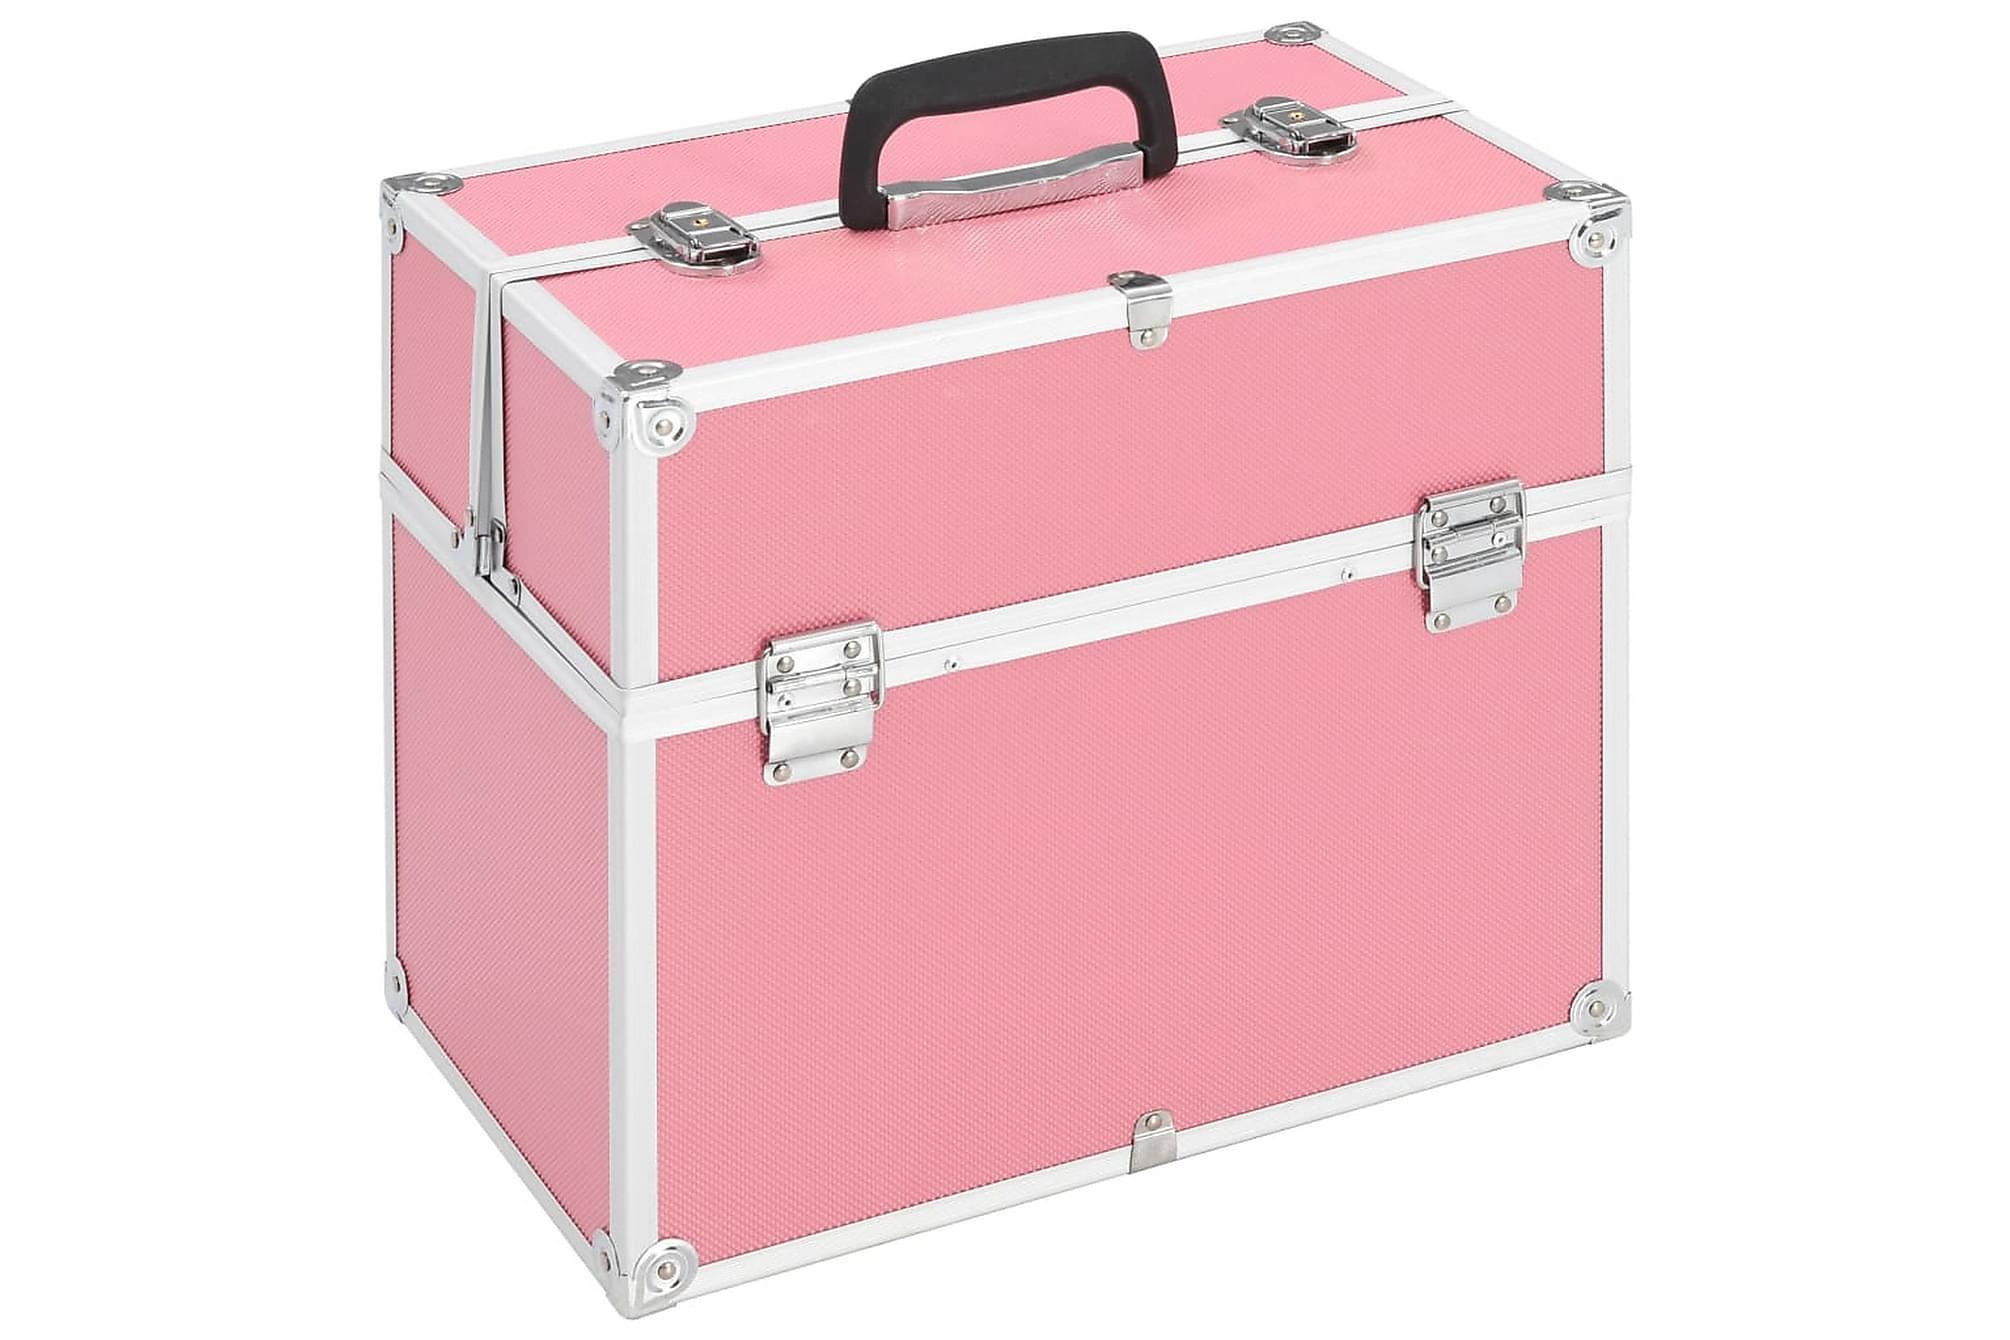 Sminklåda 37x24x35 cm rosa aluminium